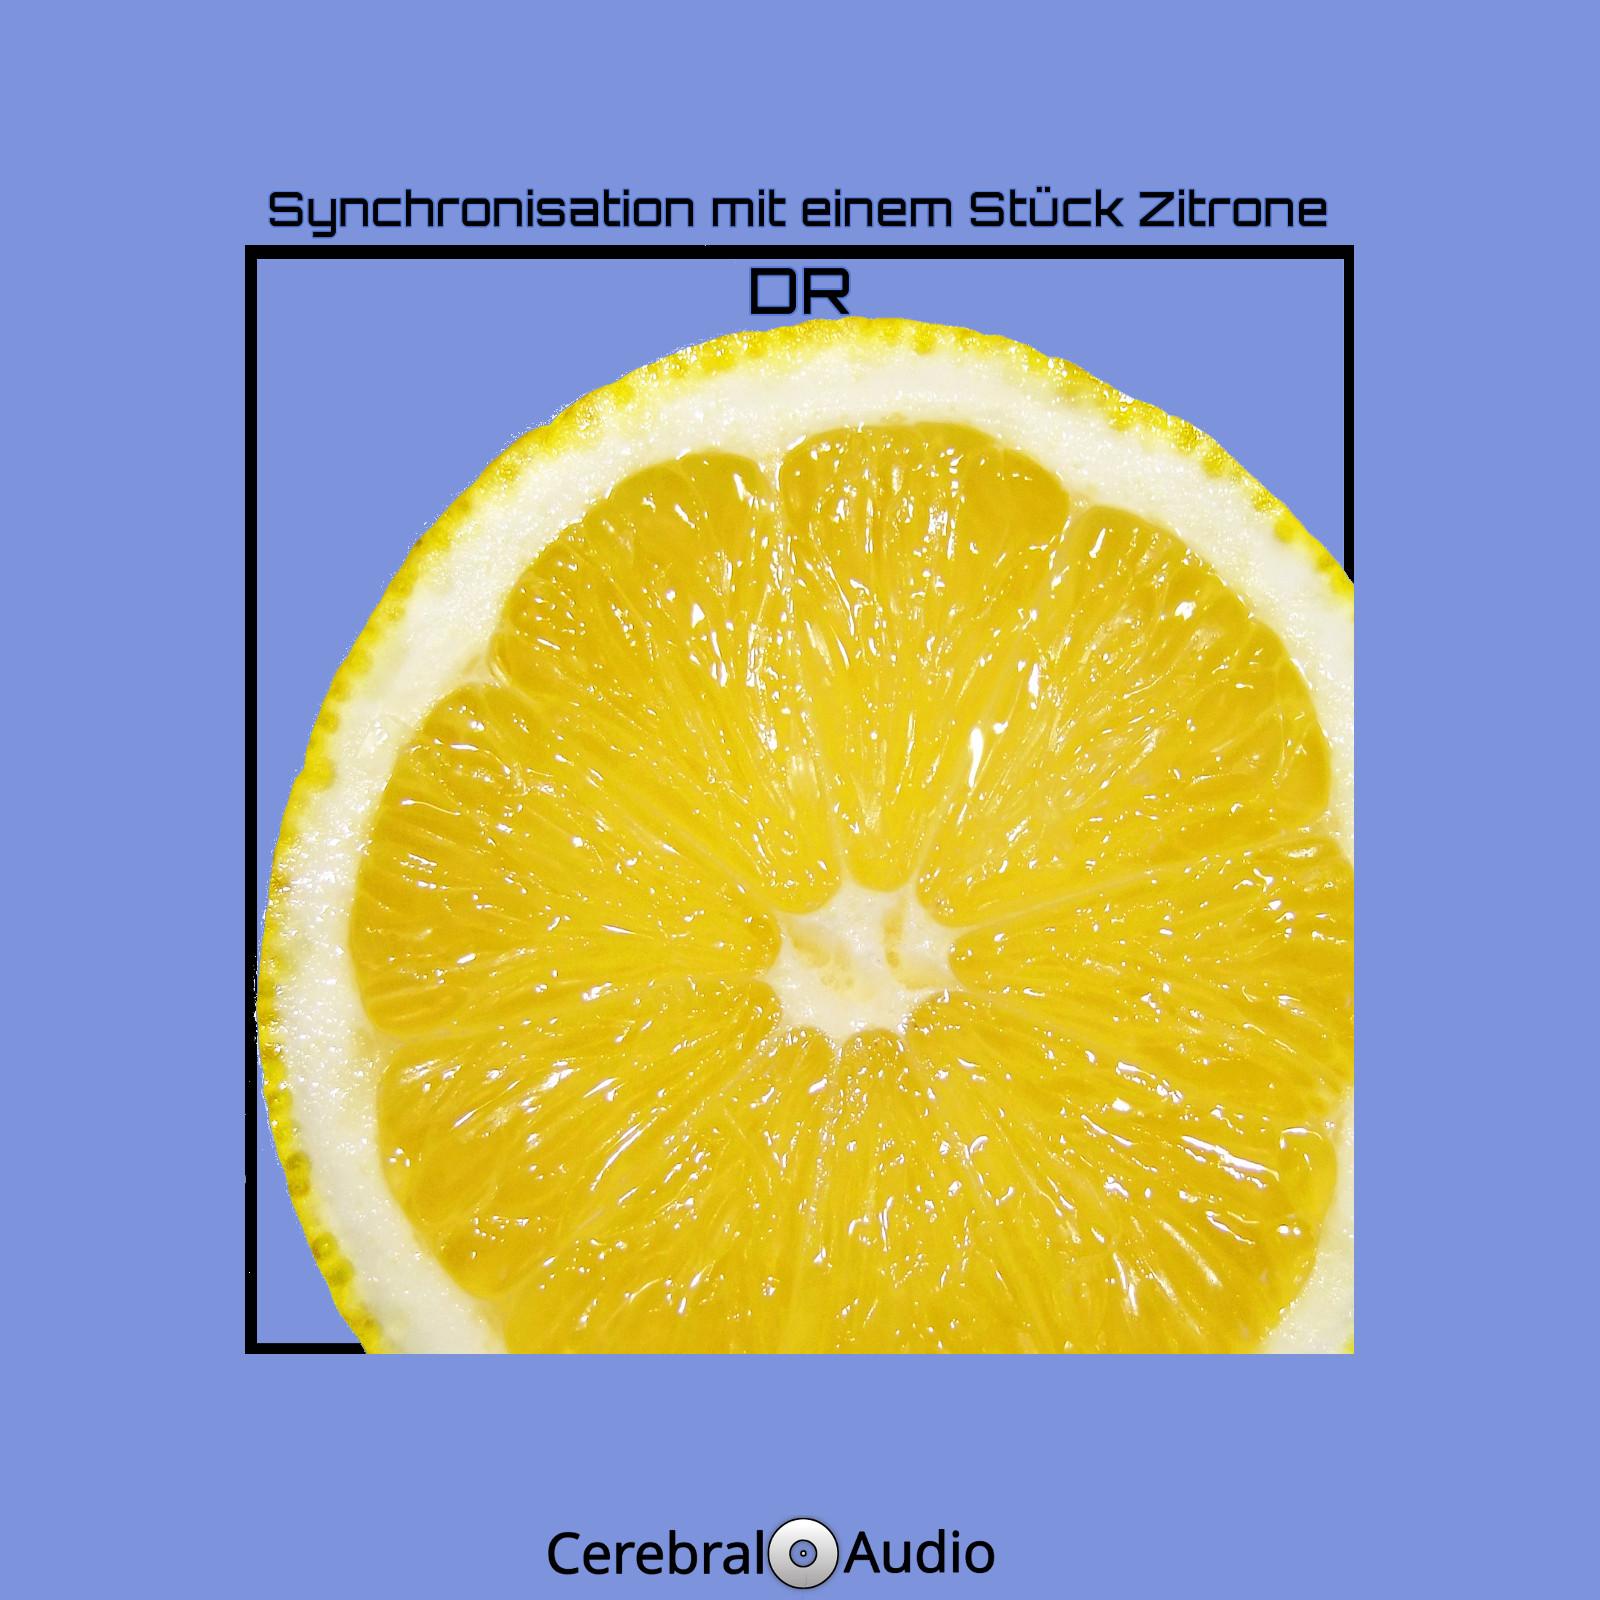 Synchronisation mit einem Stück Zitrone